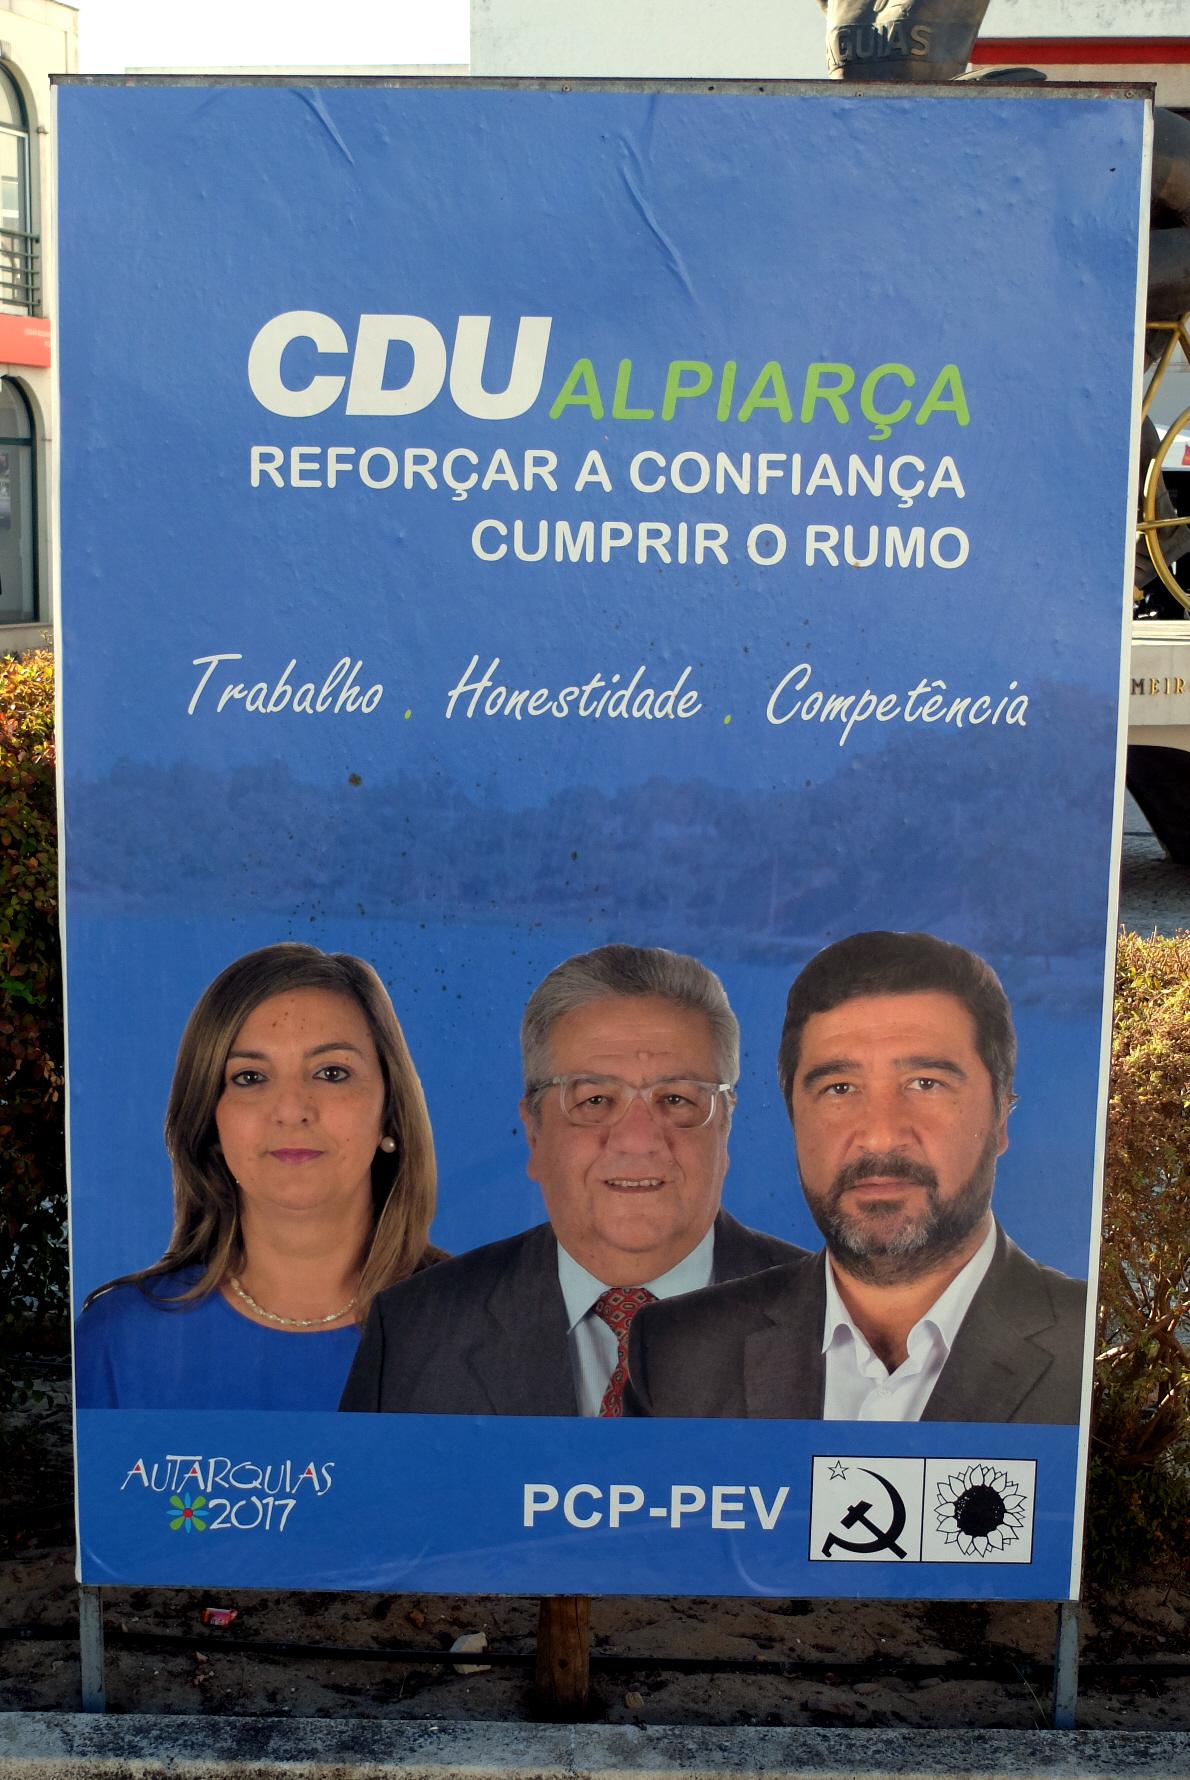 cdu alpiarça 2017 1